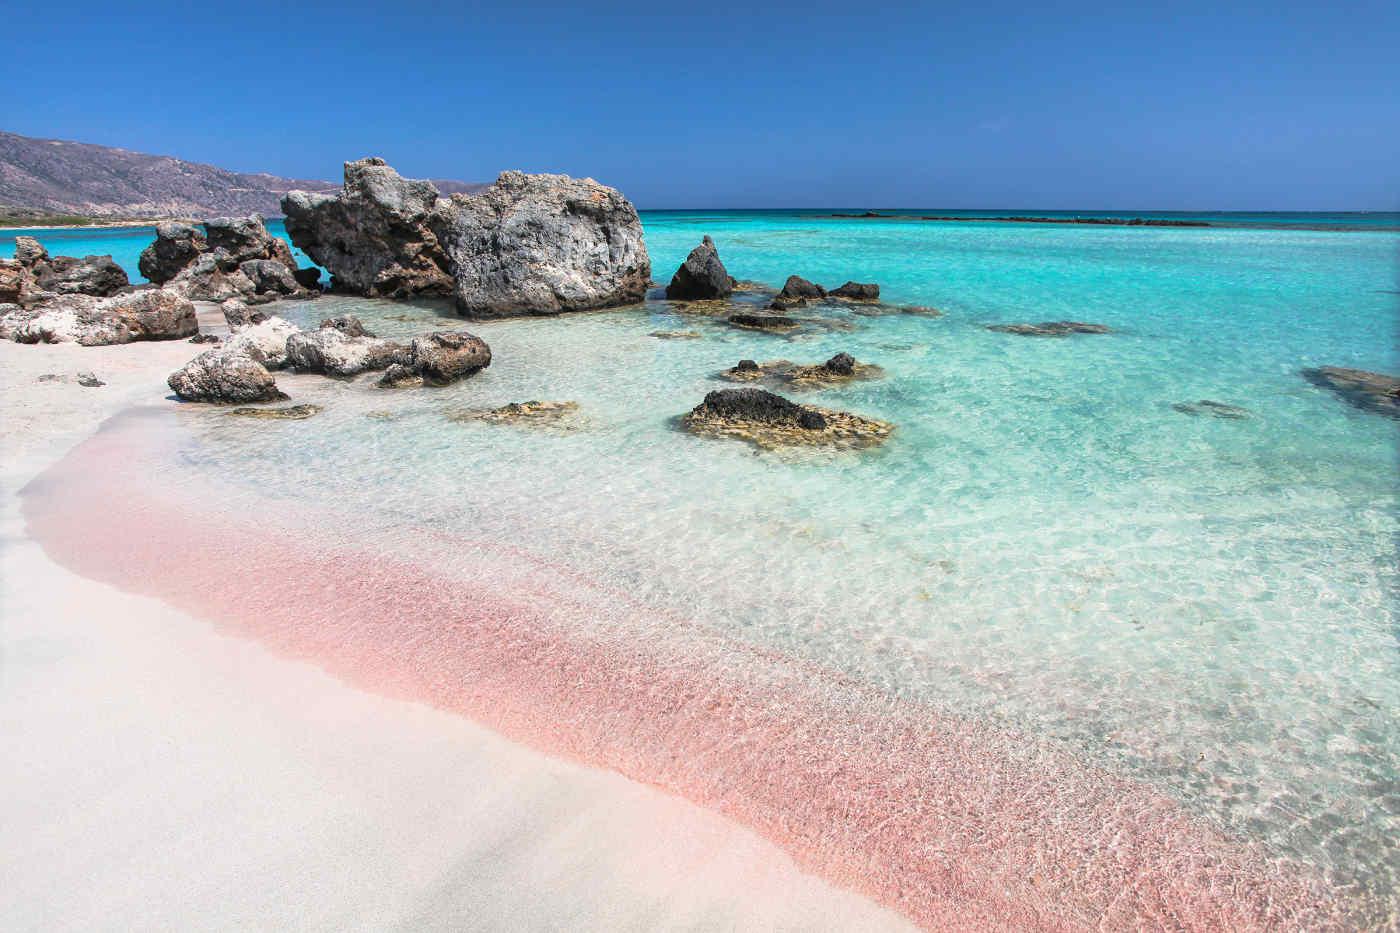 Pink sand beach in Crete